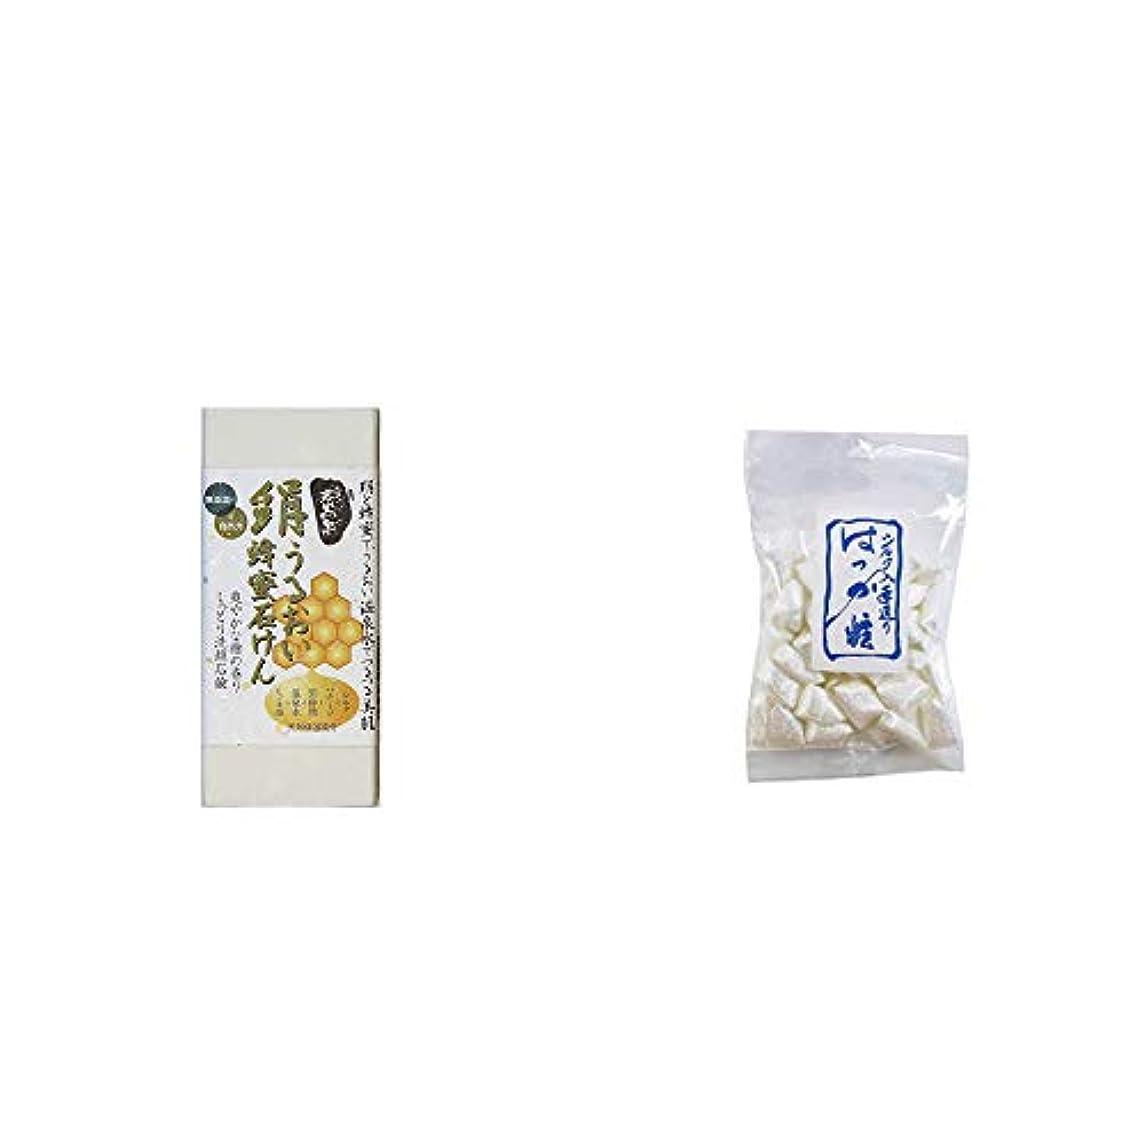 余計な郵便局指標[2点セット] ひのき炭黒泉 絹うるおい蜂蜜石けん(75g×2)?シルクはっか糖(150g)